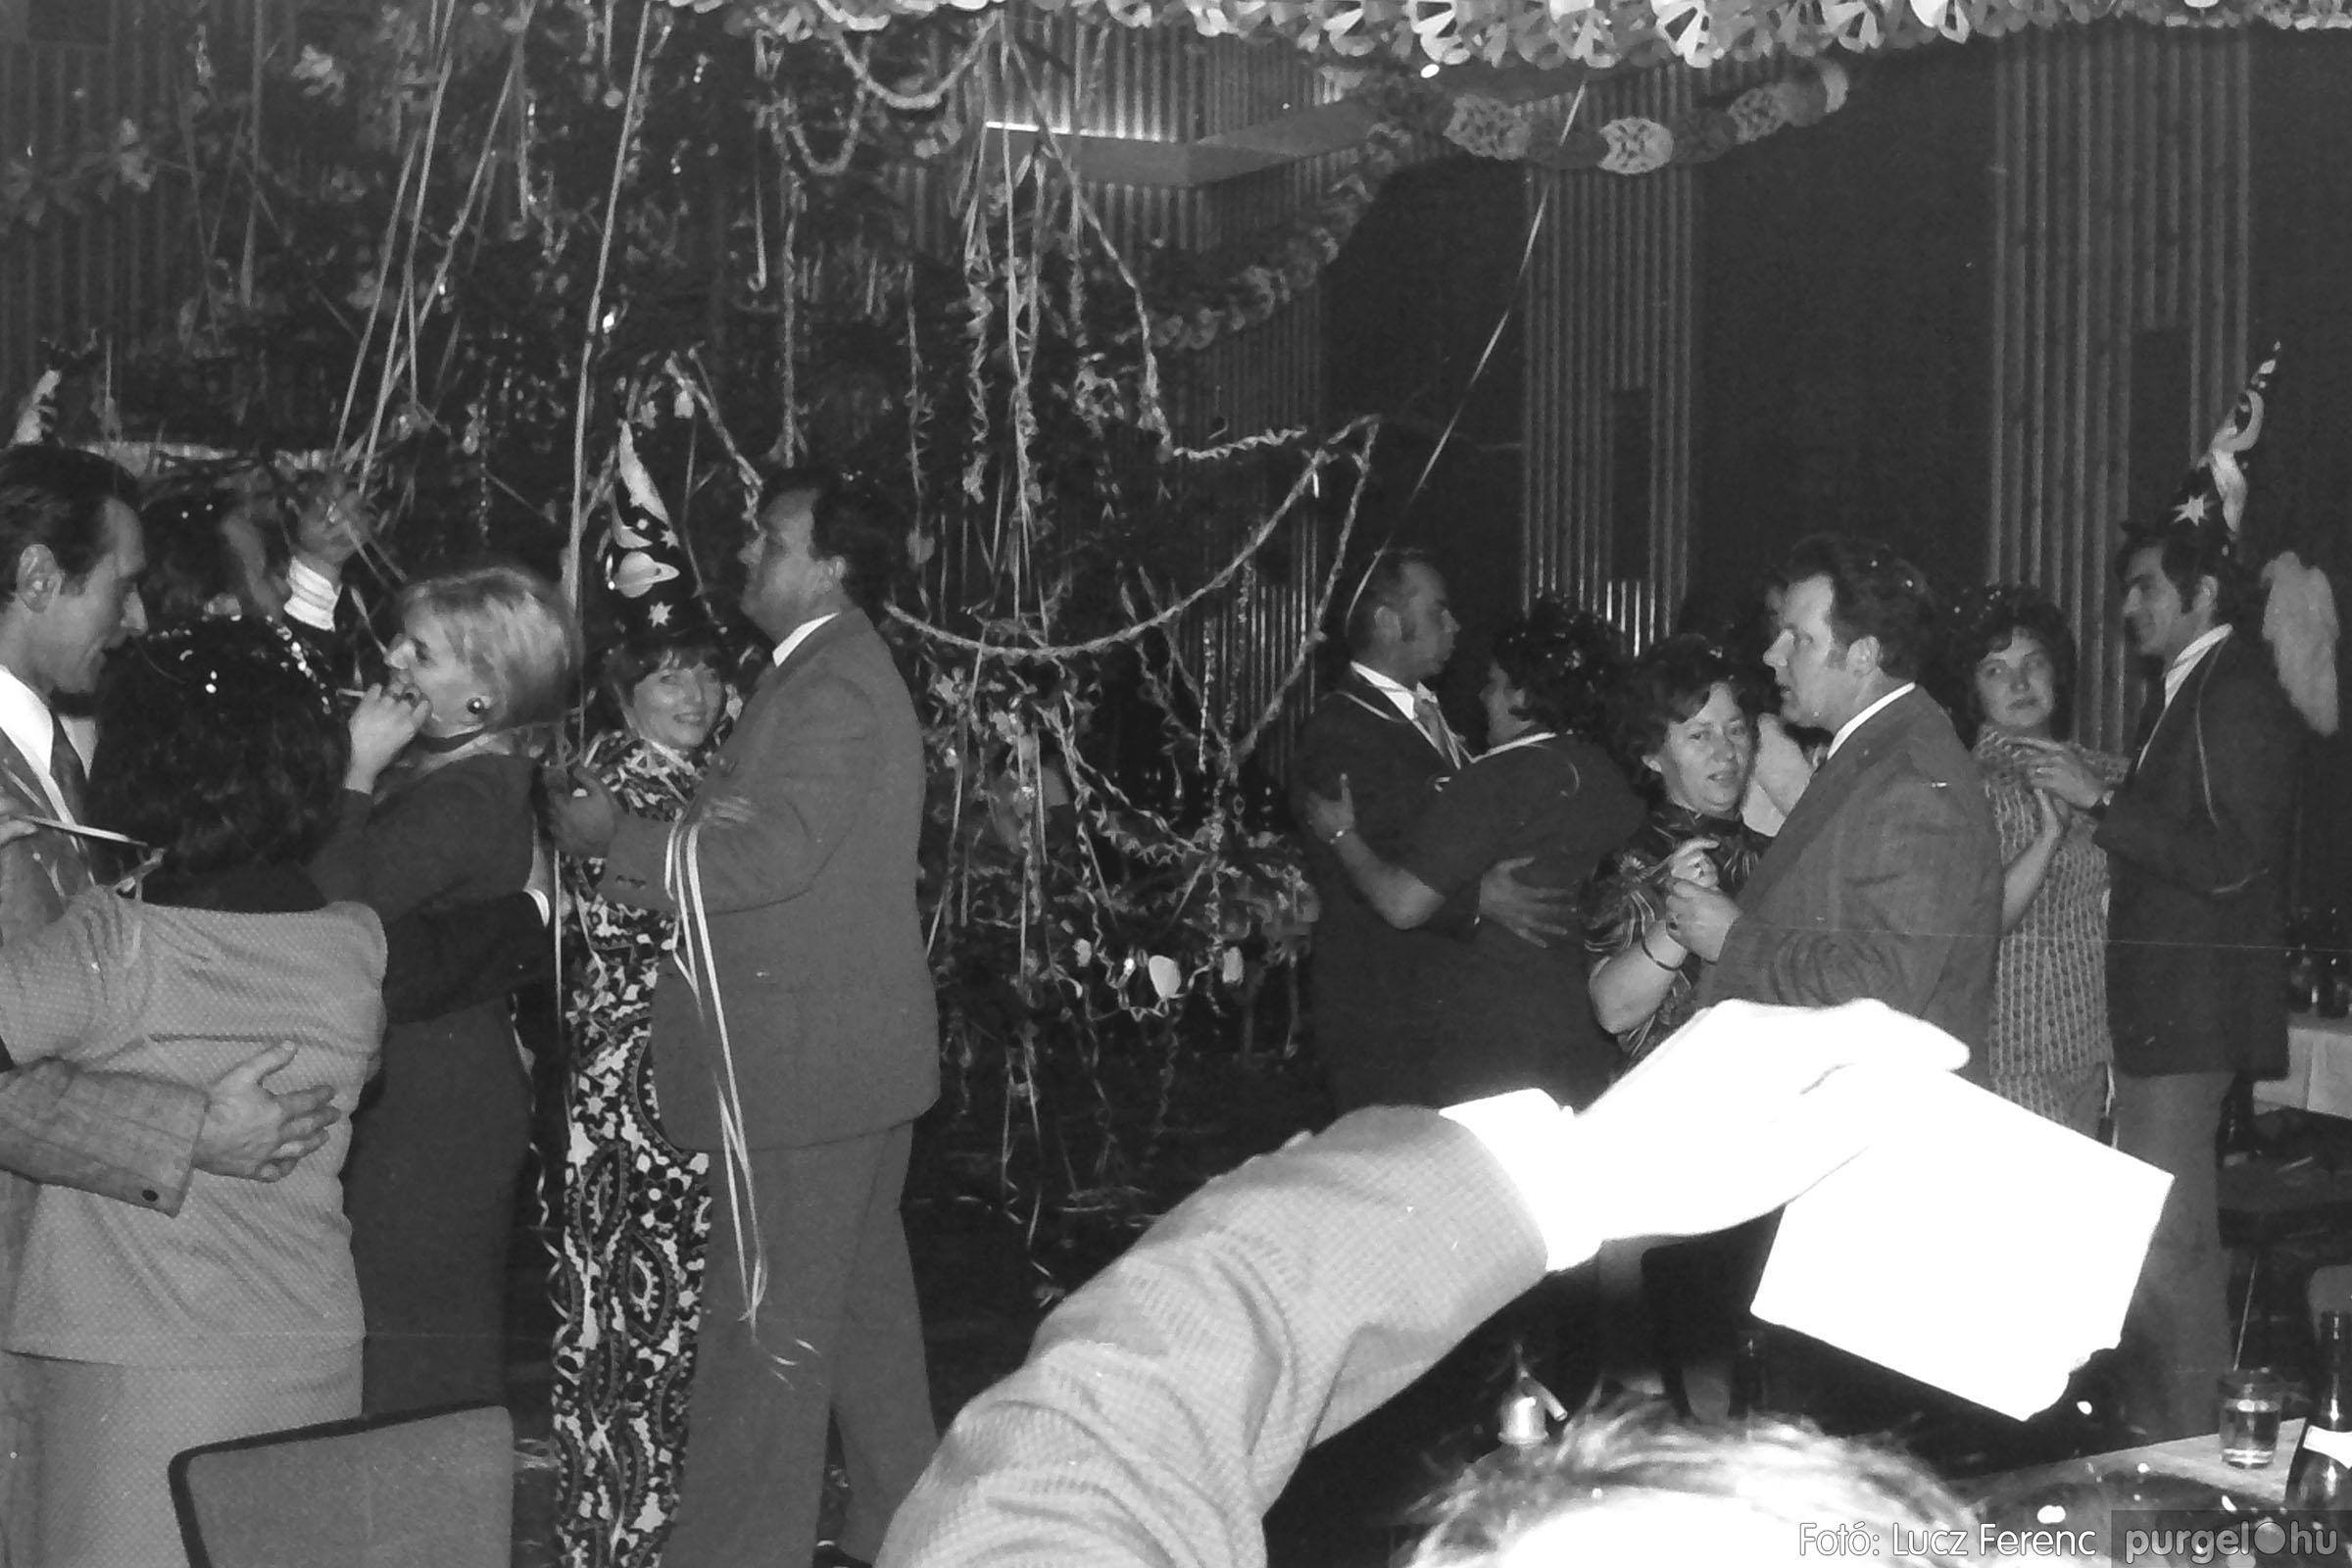 030. 1975.12.31. Szilveszter a kultúrházban 009 - Fotó: Lucz Ferenc.jpg